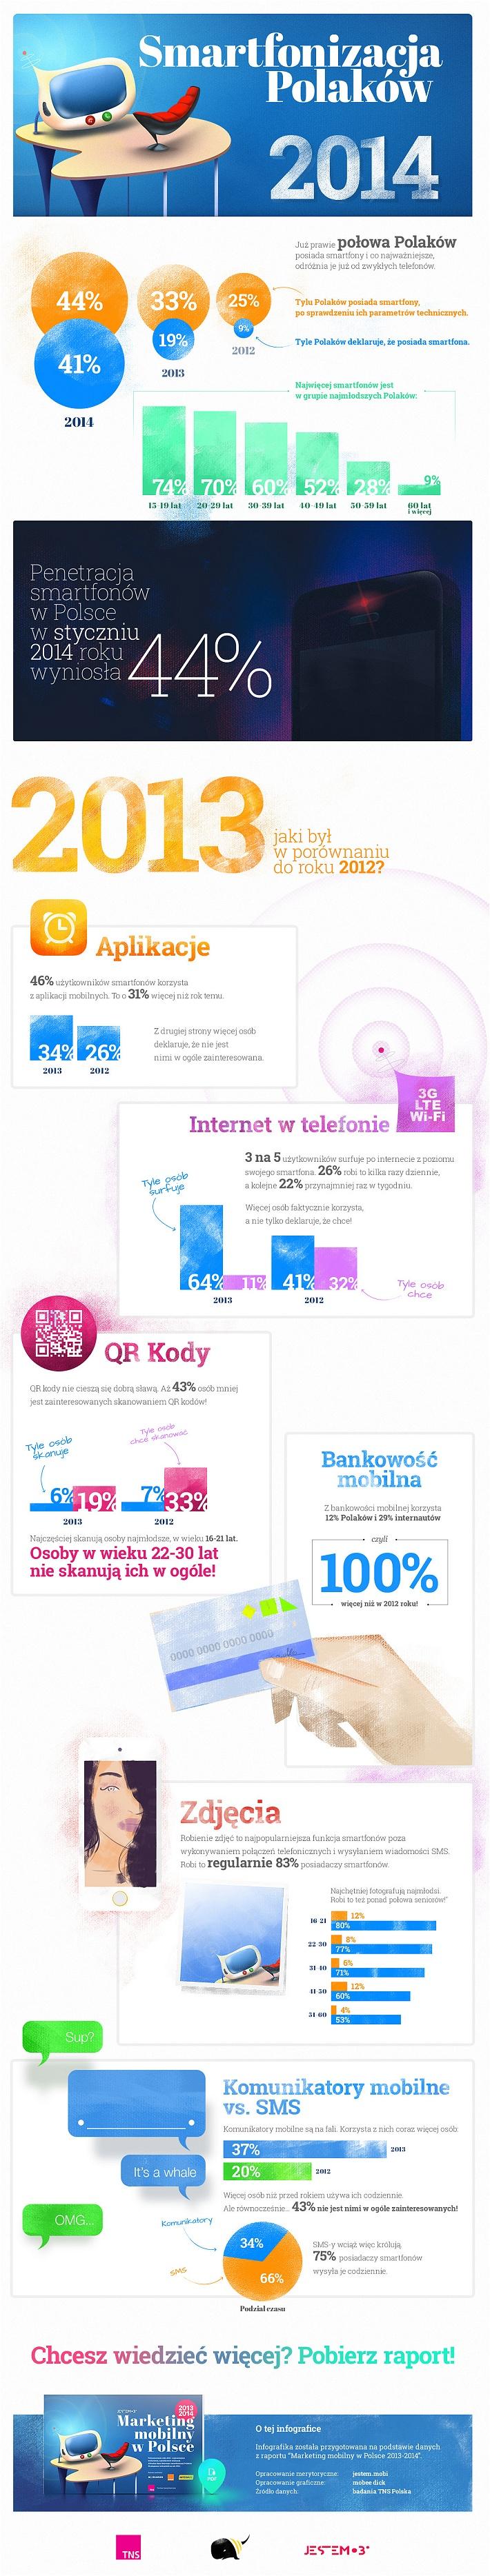 foto/smartfonizacja-polakow-2014-infografika.jpg